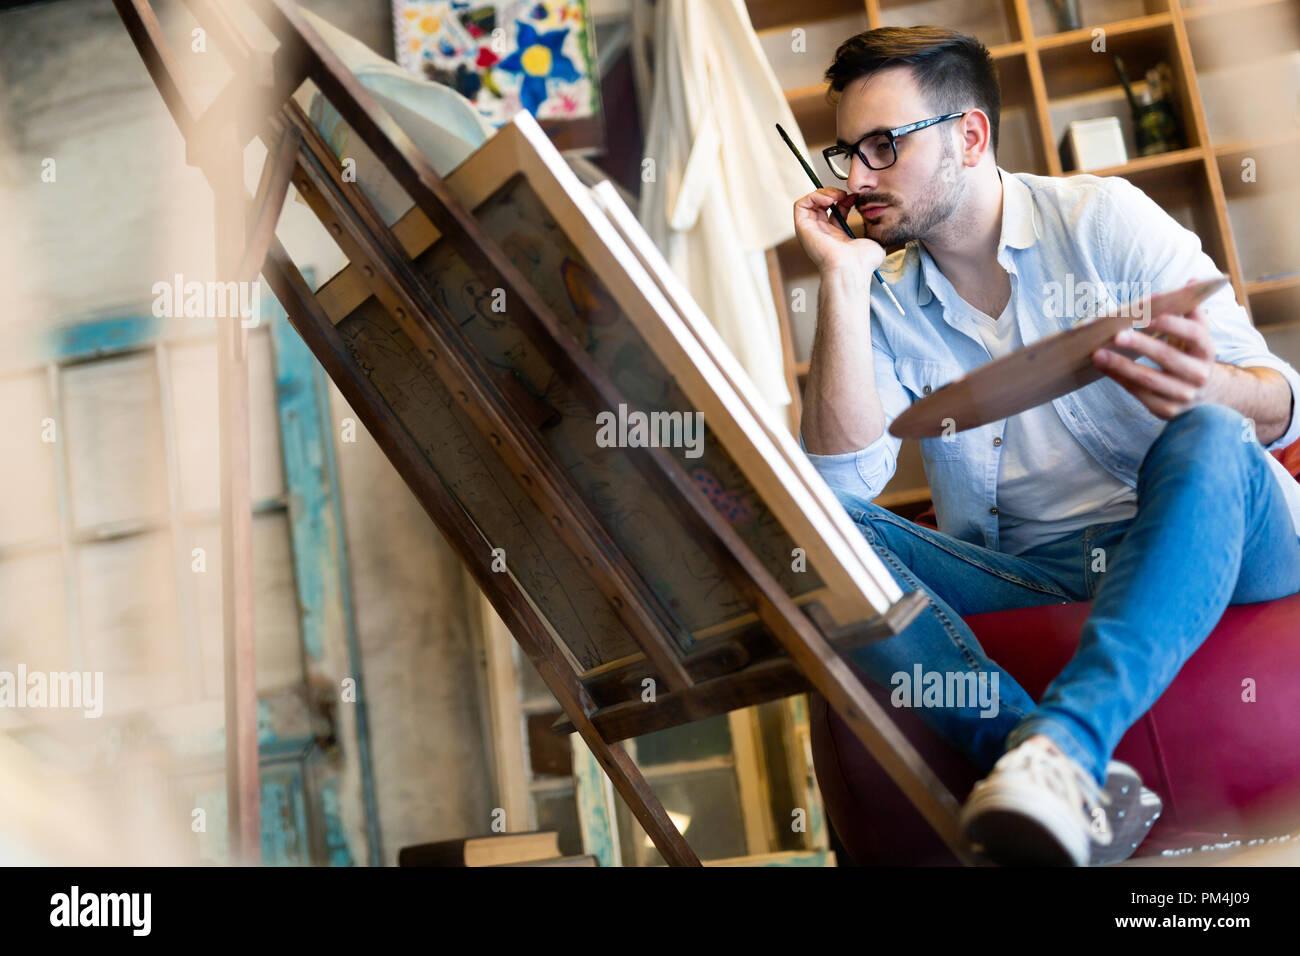 Retrato del artista masculino trabajando en pintura en Studio Imagen De Stock